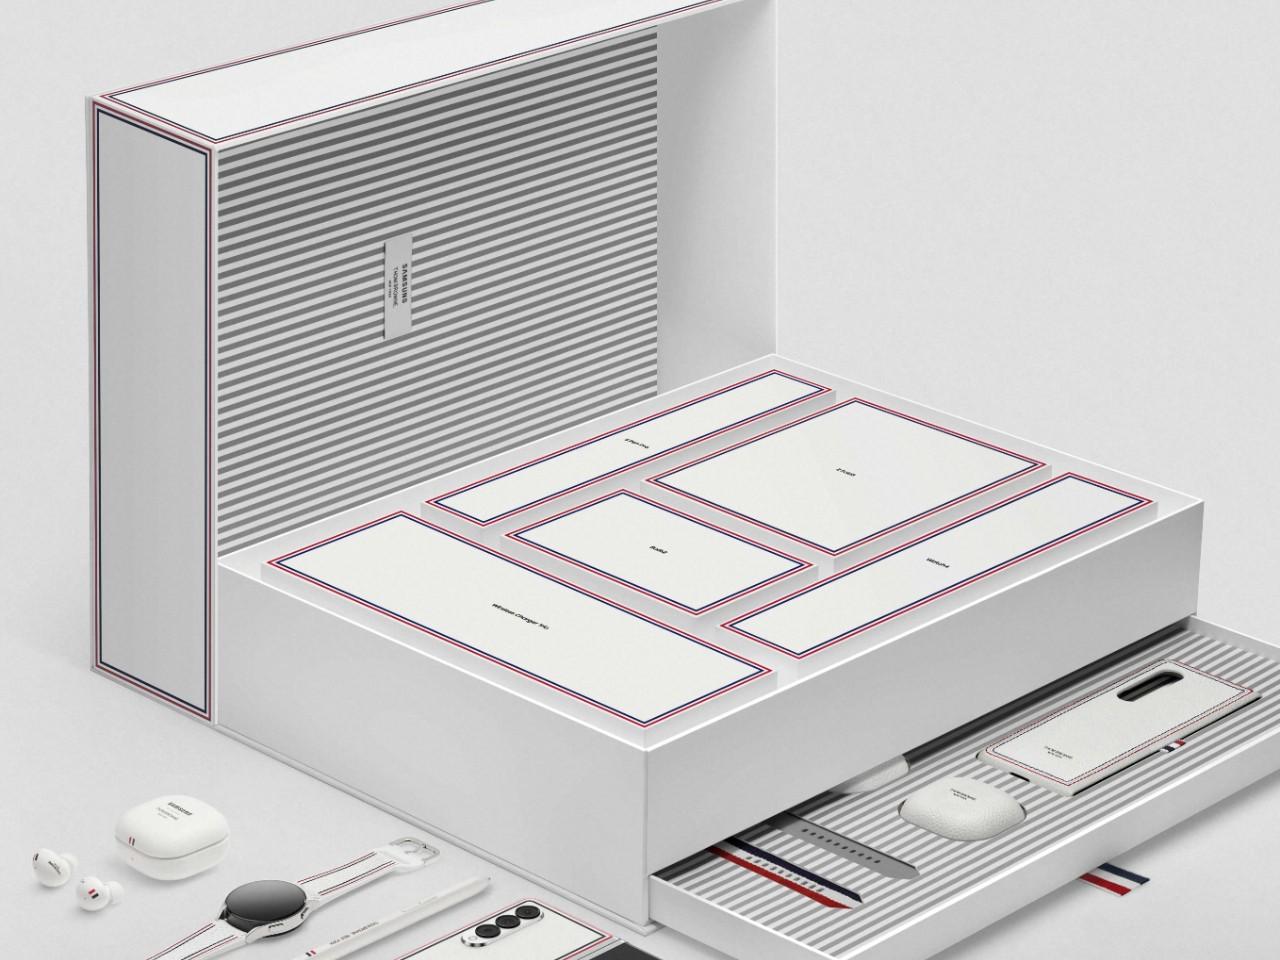 Samsung-Galaxy-Z-Fold3-dan-Z-Flip3-Thom-Browne-Edition-Feature